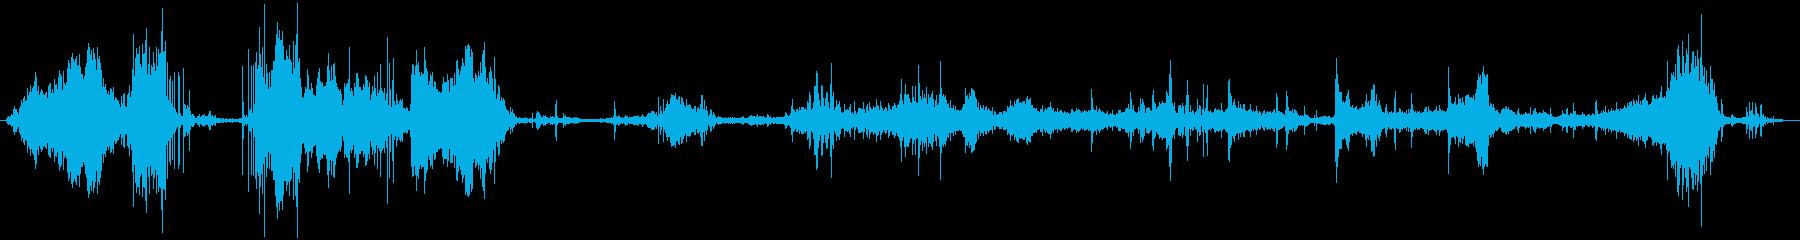 ラップトップコンピューター:ソフト...の再生済みの波形